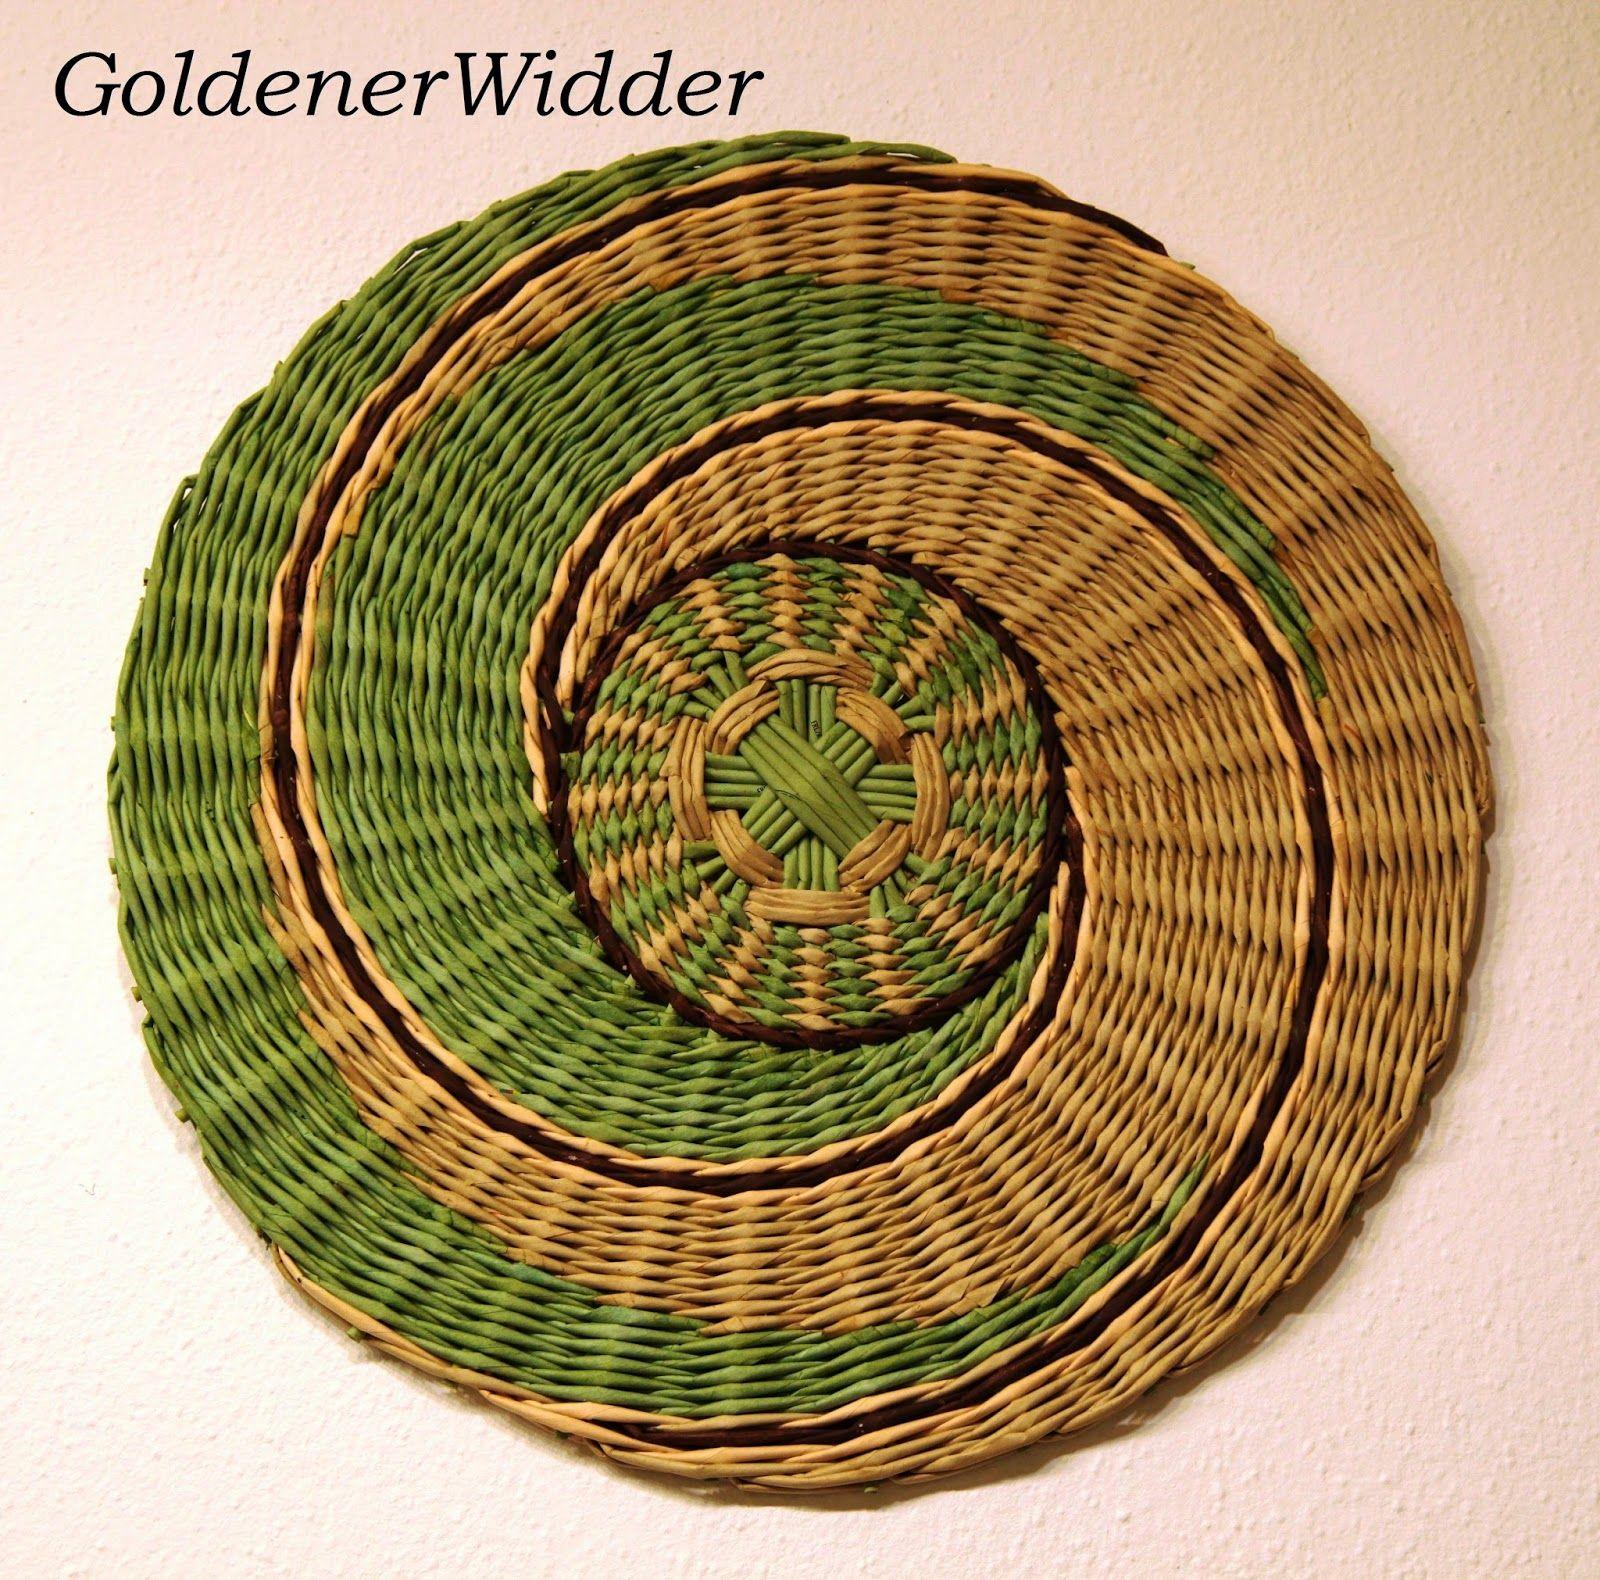 Картина панно рисунок мастер-класс 8 марта декупаж плетение панно небольшой мастер-класс бумага газетная краска салфетки